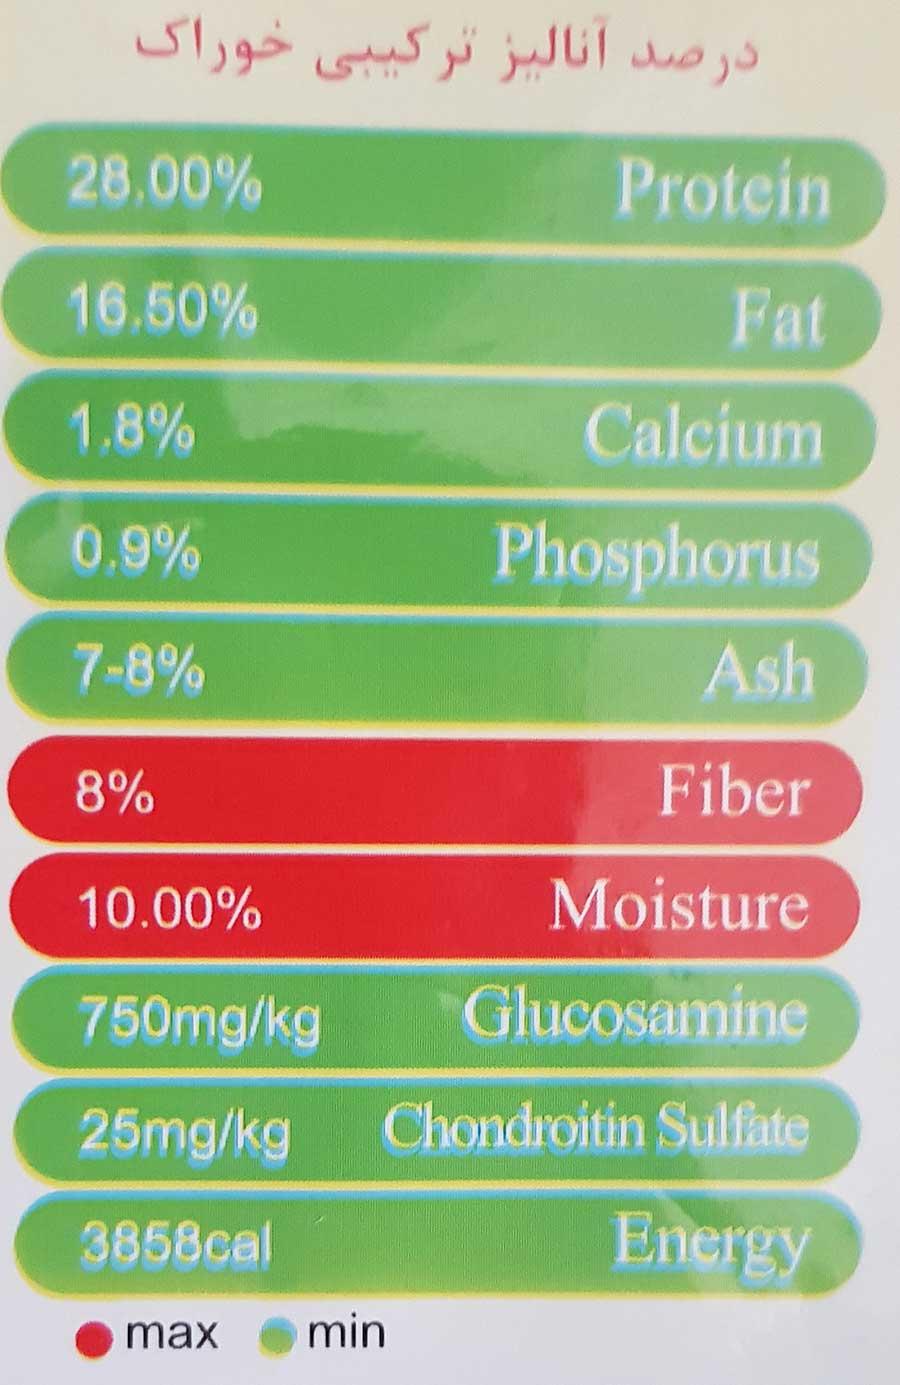 درصد-آنالیز-ترکیبی-غذای-خشک-سگ-بالغ-نژاد-بزرگ-مدل-Guard-Dog-Adult-برند-مفید